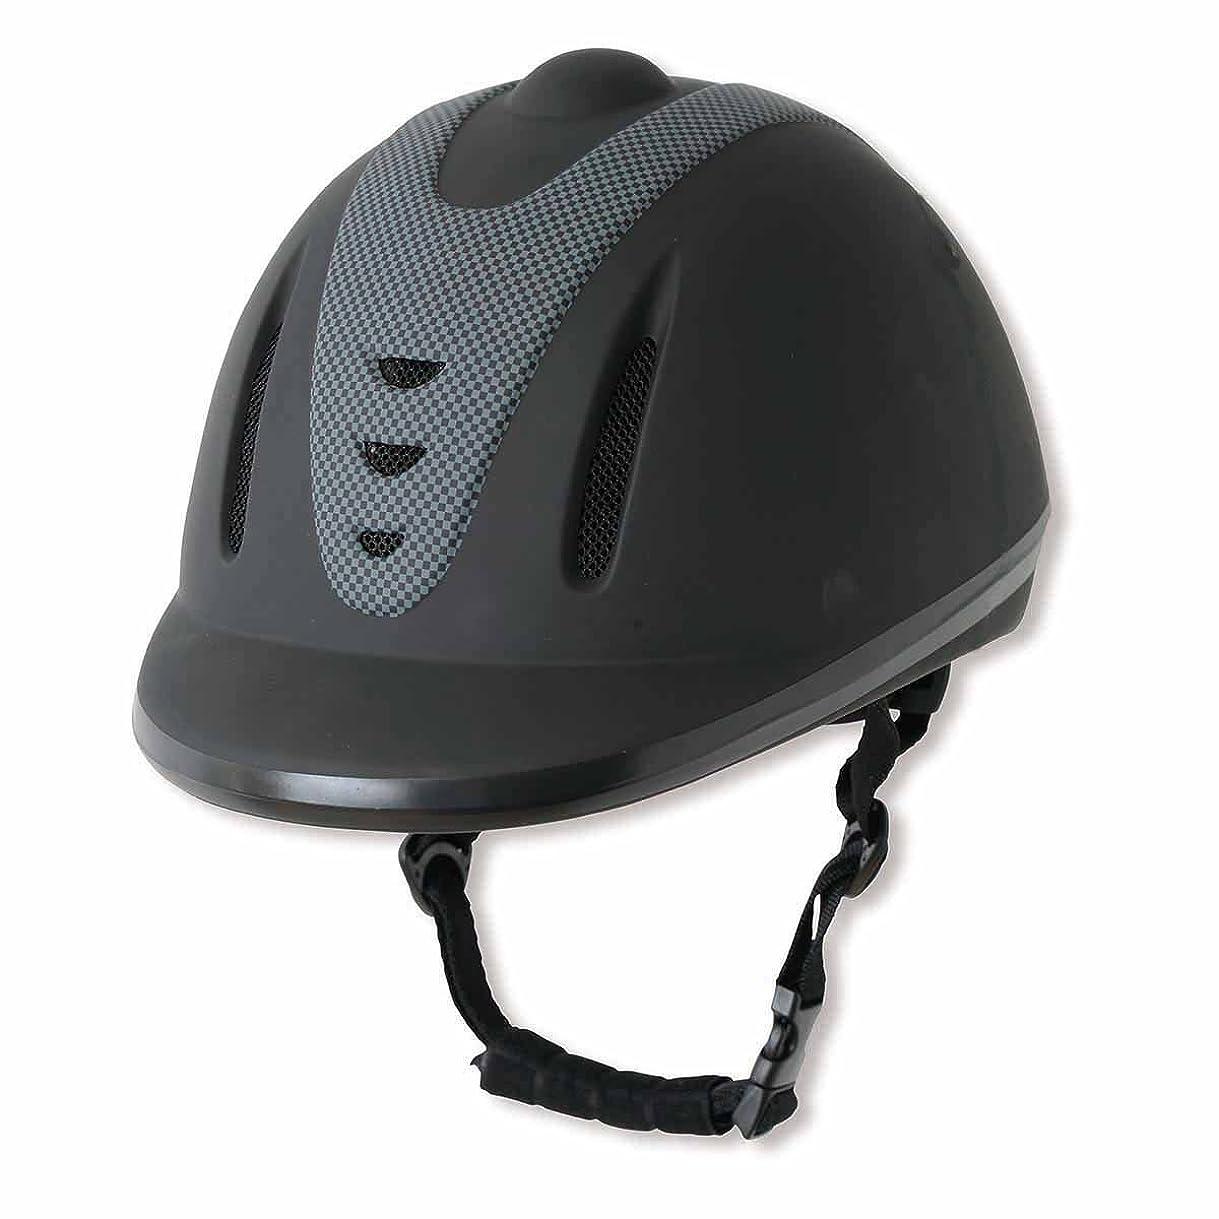 みぞれゆるい砂の乗馬 ヘルメット プロテクター 乗馬帽 帽子 JODHPURS ビギナー ダイヤル調整ヘルメット 乗馬用品 馬具